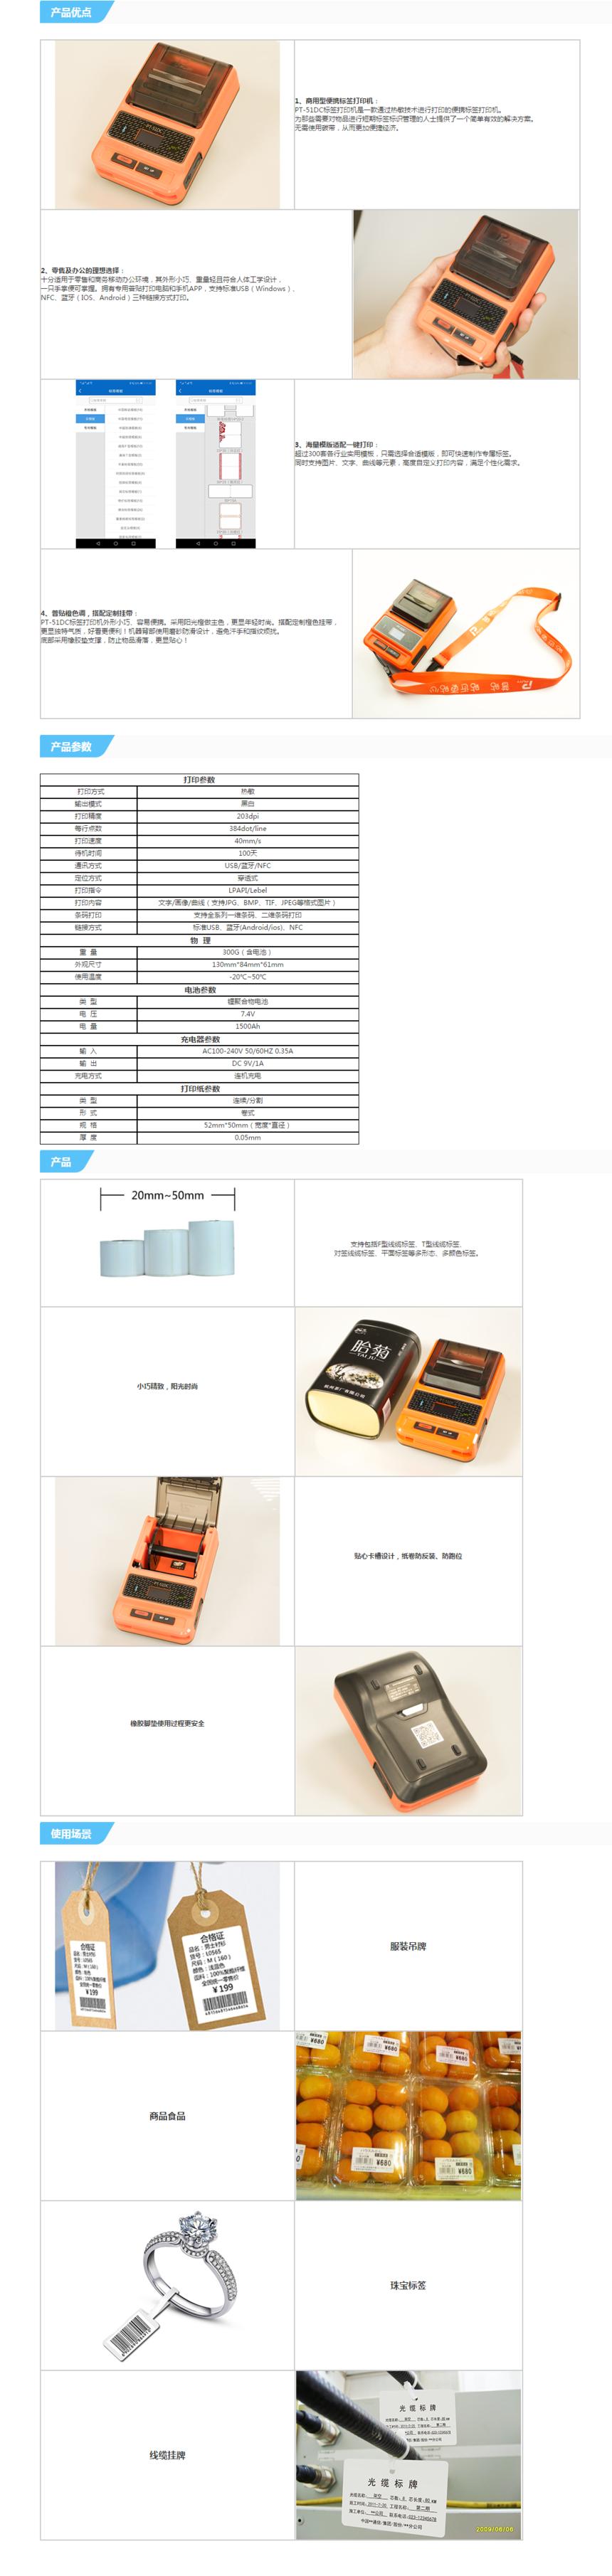 PT-51DC便携式标签打印机_普贴科技PUTY官方网站.png